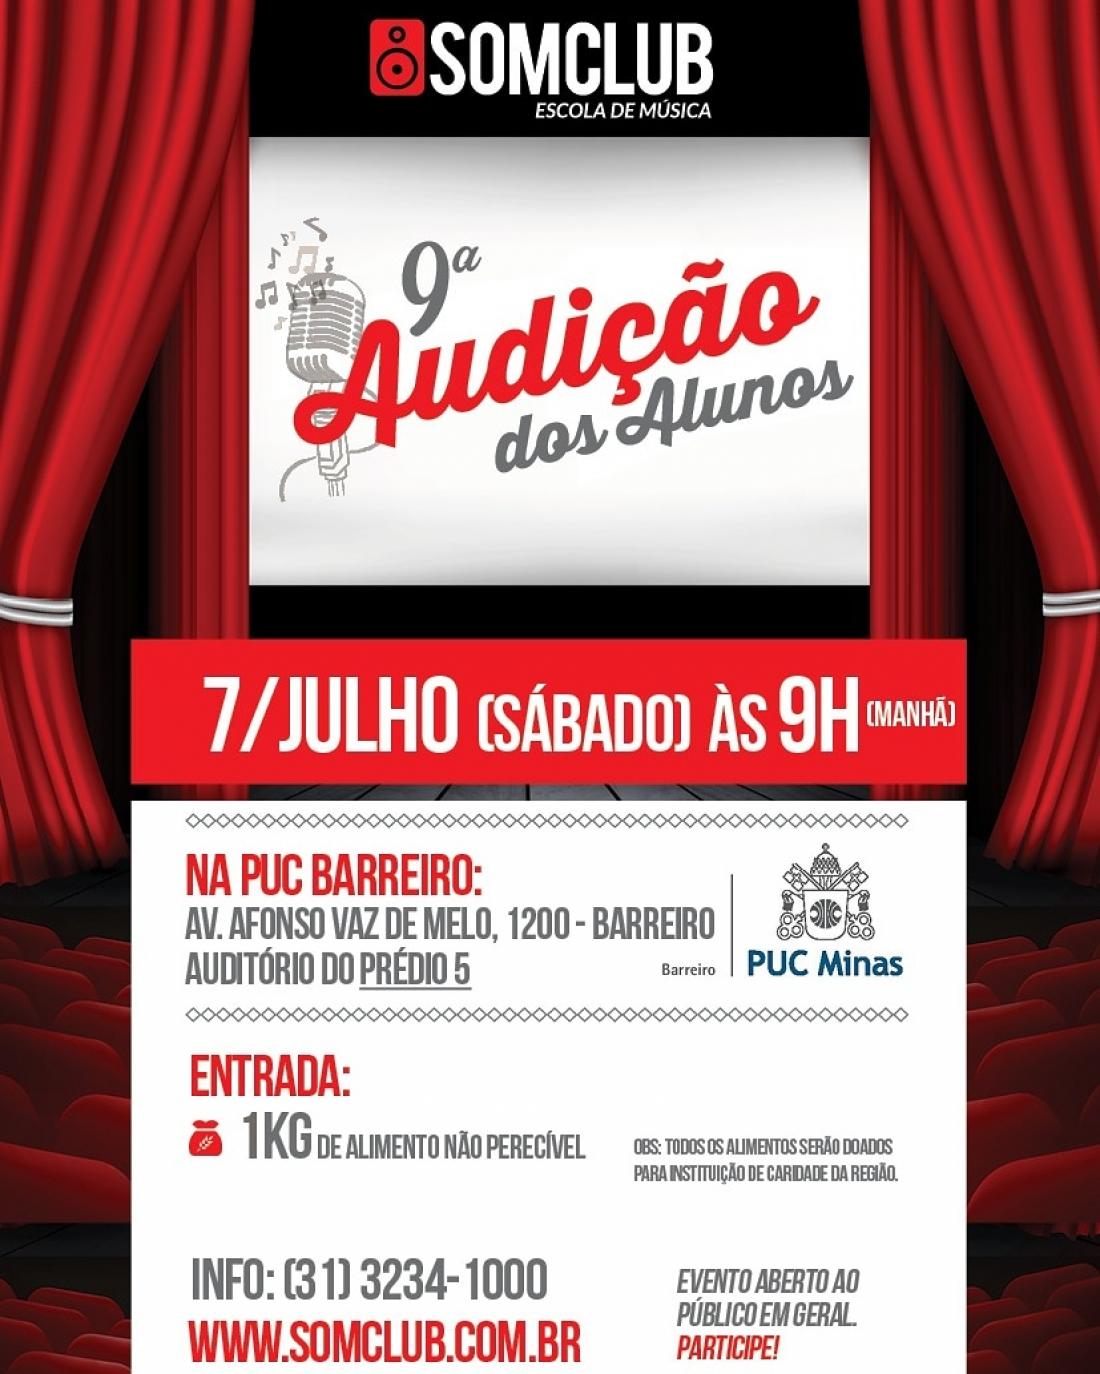 07/07/2018 – 9ª Audição dos Alunos Somclub na PUC Barreiro